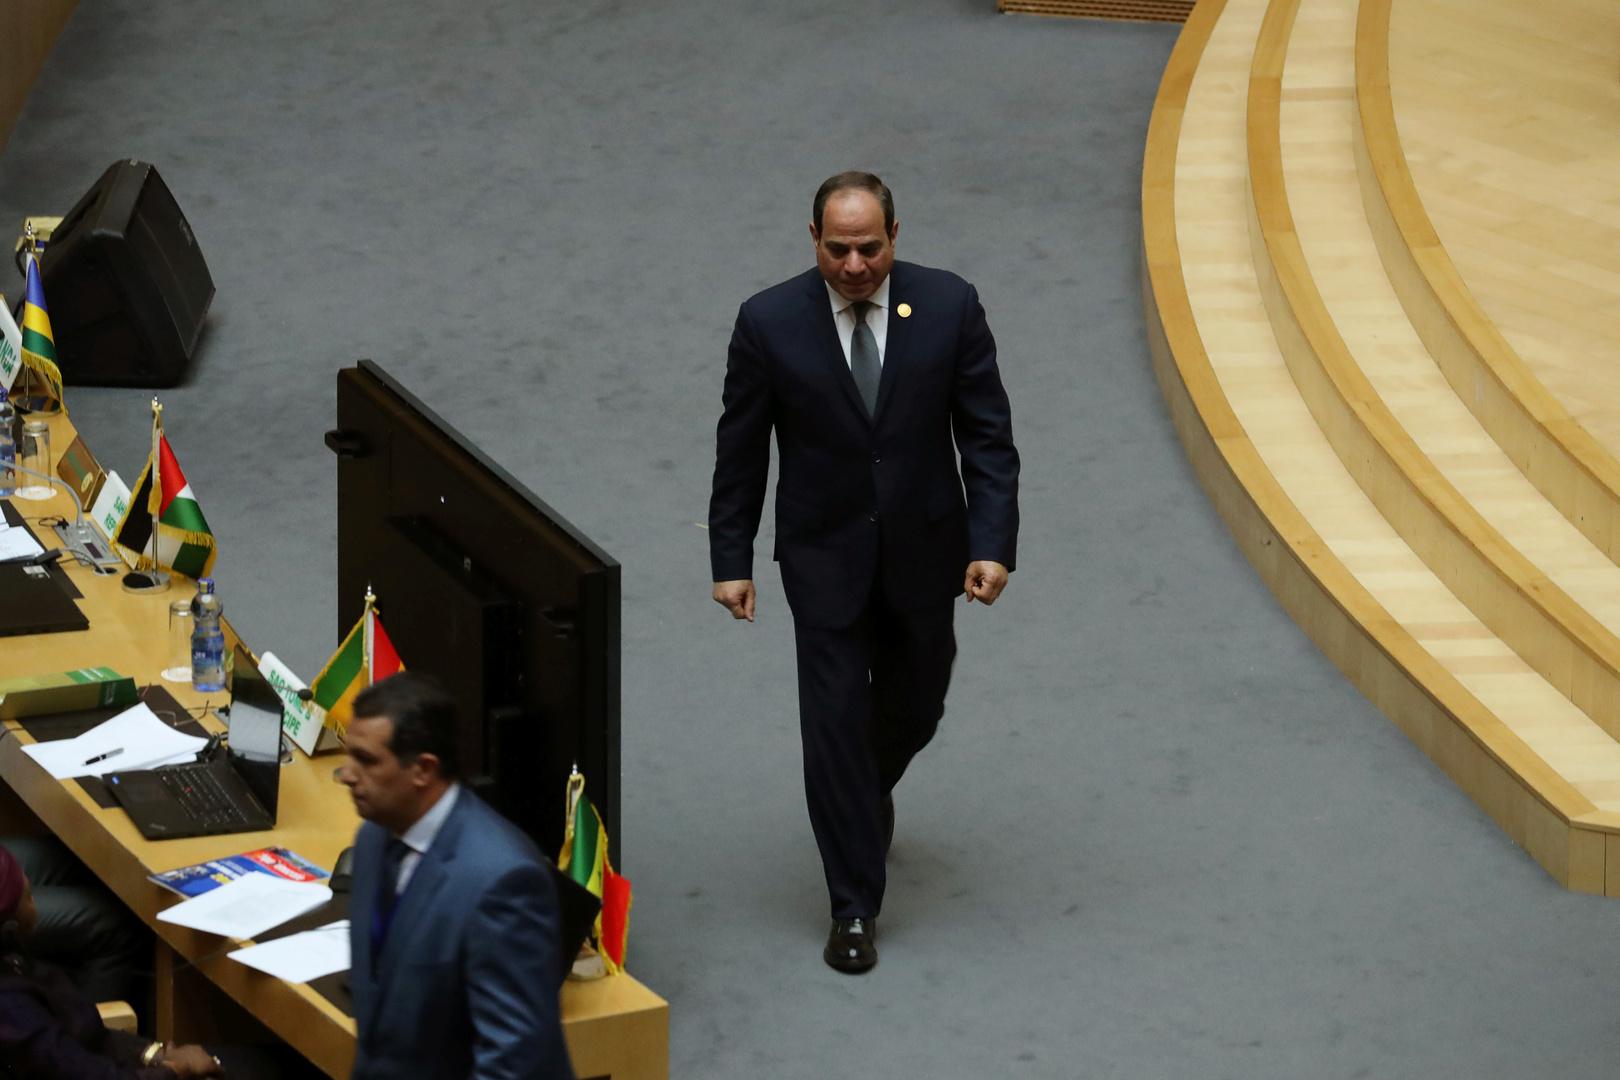 السيسي يجتمع مع وزير الدفاع ورئيس المخابرات لبحث سد النهضة